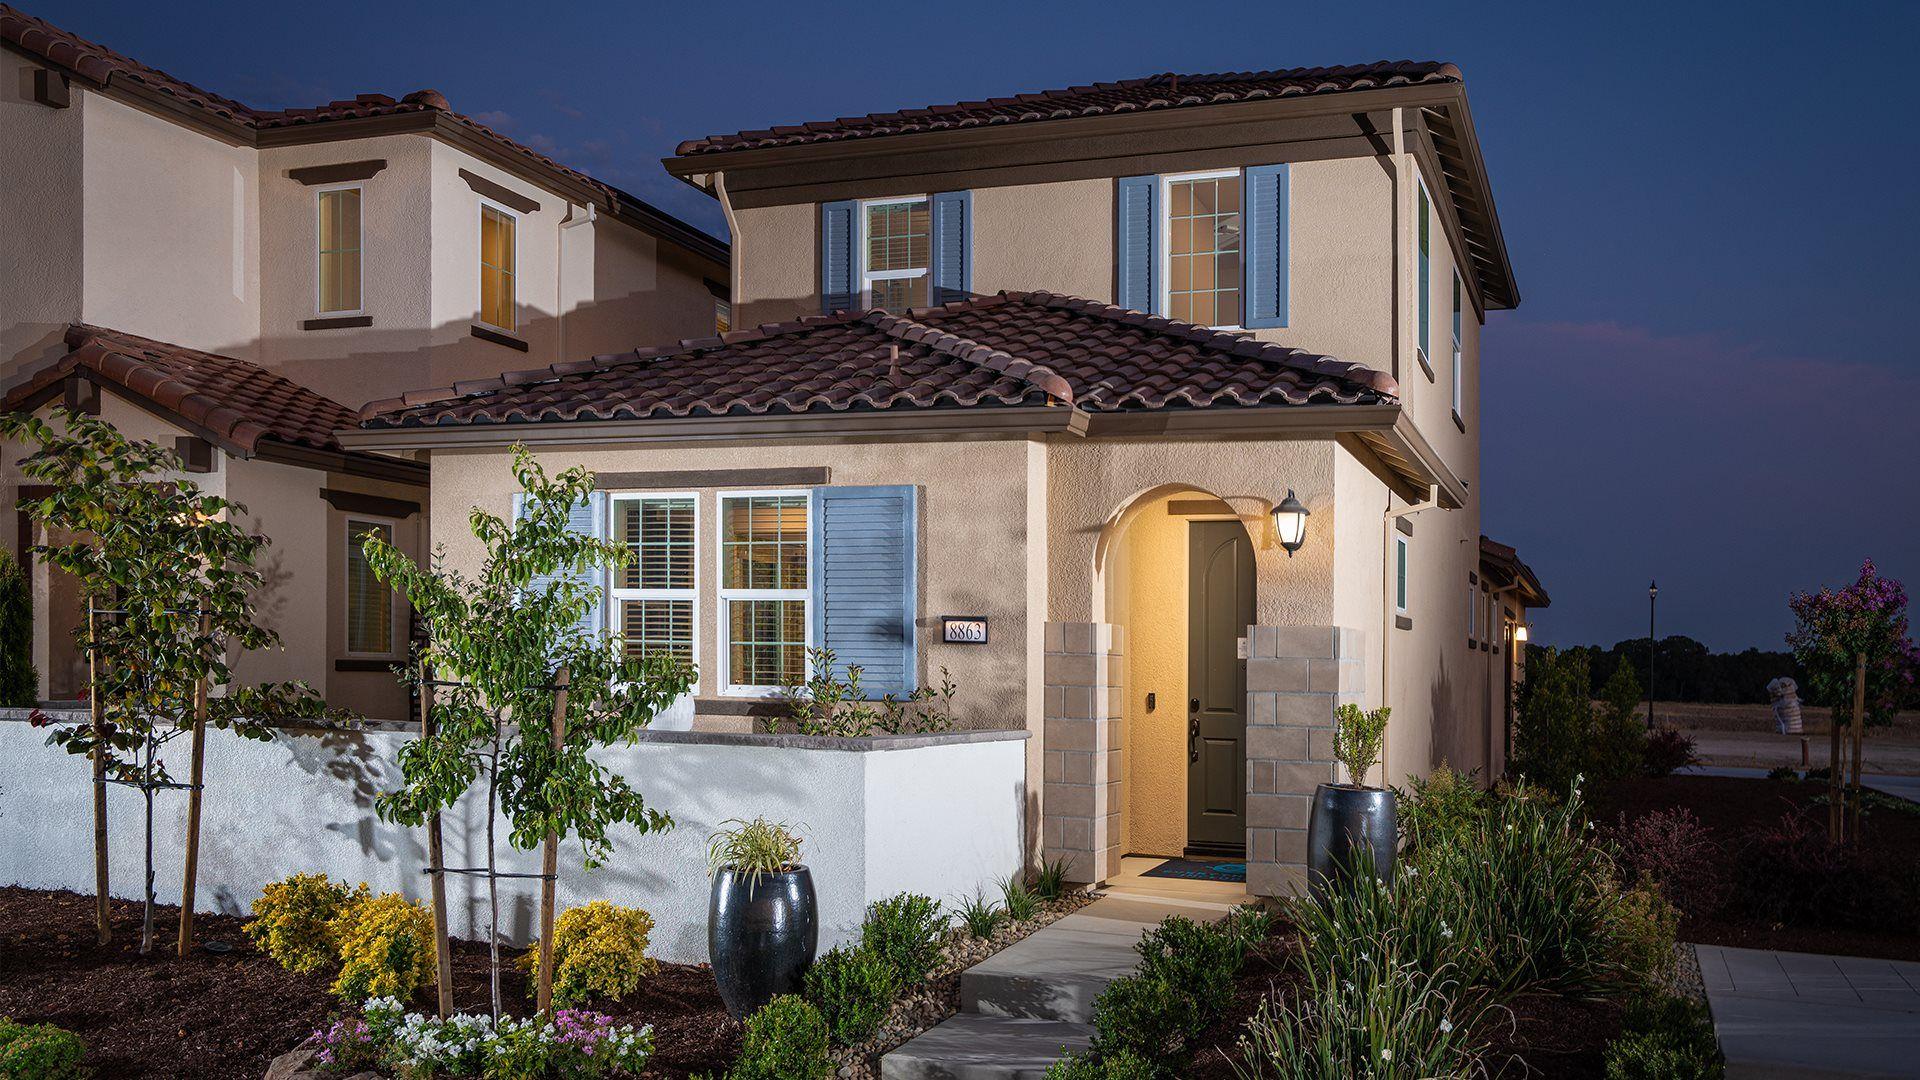 Residence 1467 | Model Home